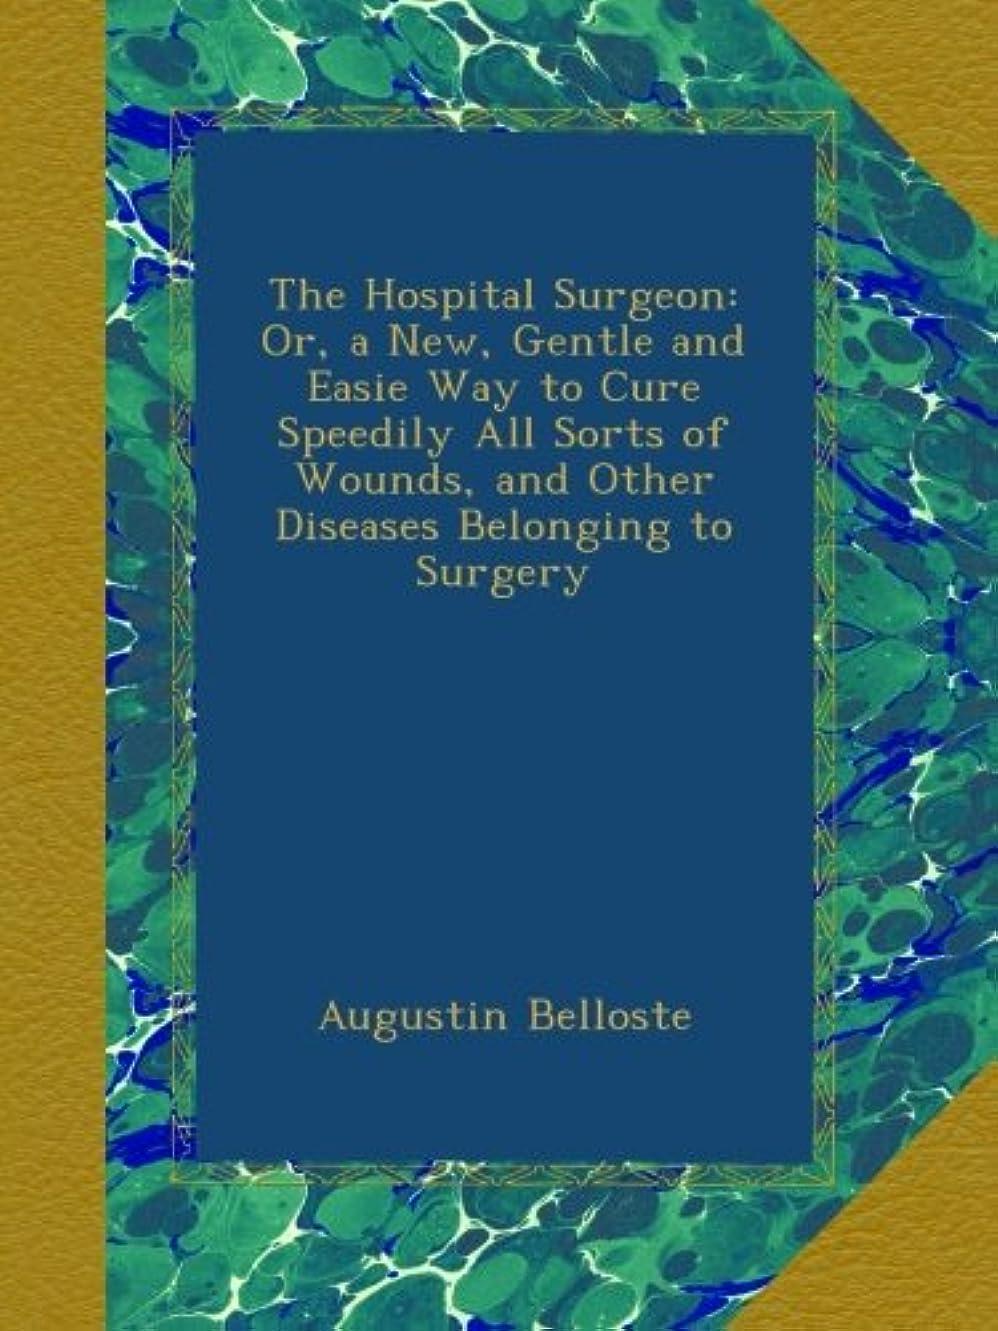 エスカレートヘッドレスエージェントThe Hospital Surgeon: Or, a New, Gentle and Easie Way to Cure Speedily All Sorts of Wounds, and Other Diseases Belonging to Surgery